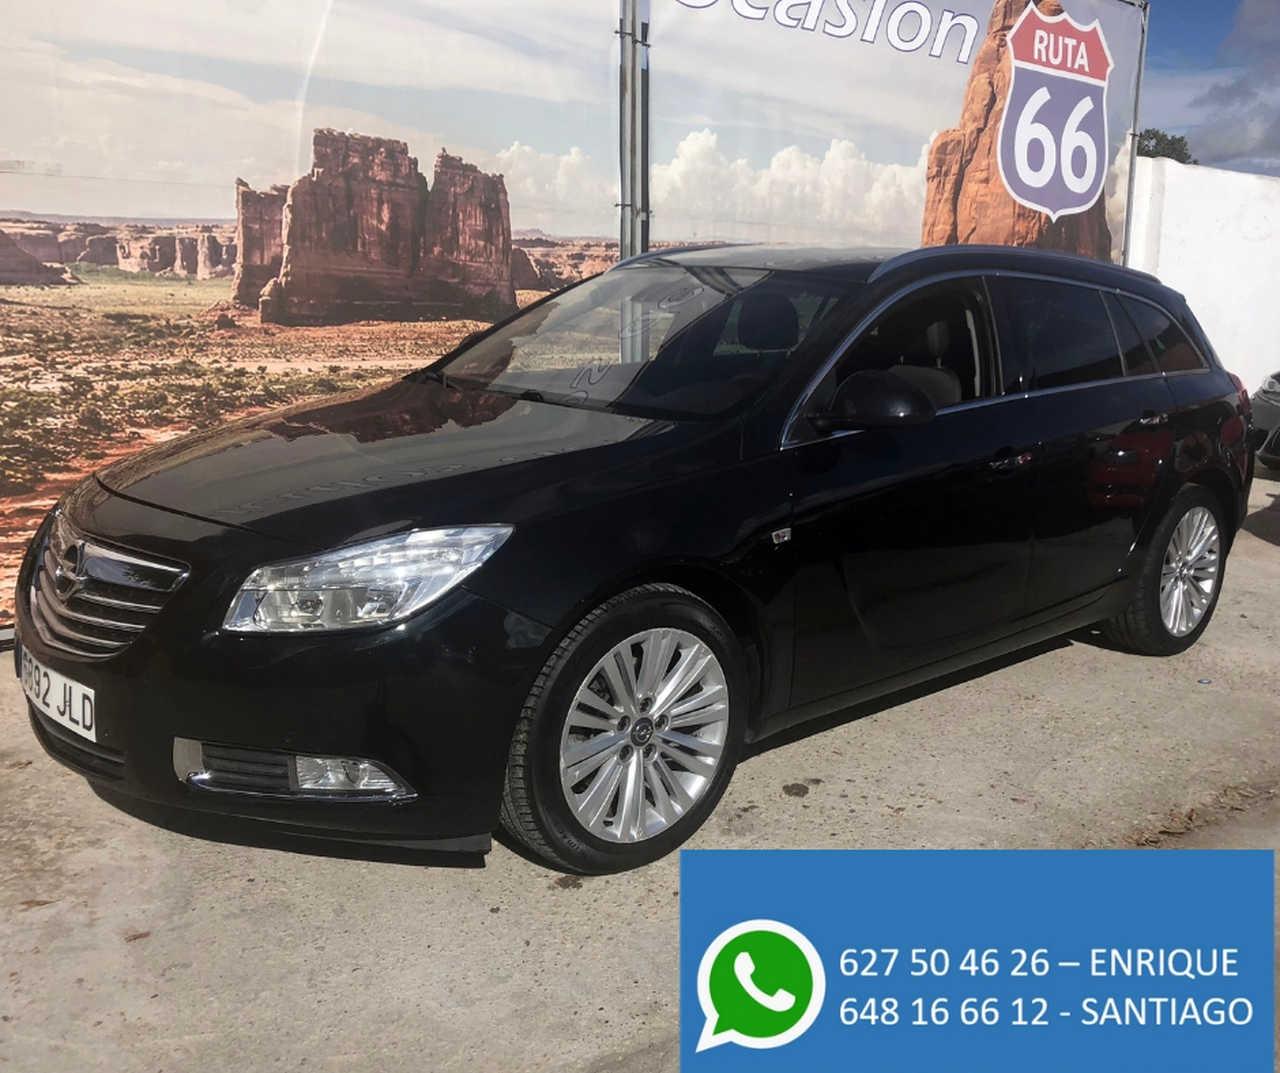 Opel Insignia  ST 2.0 CDTI 160 CV Excellence Auto 5p.   - Foto 1